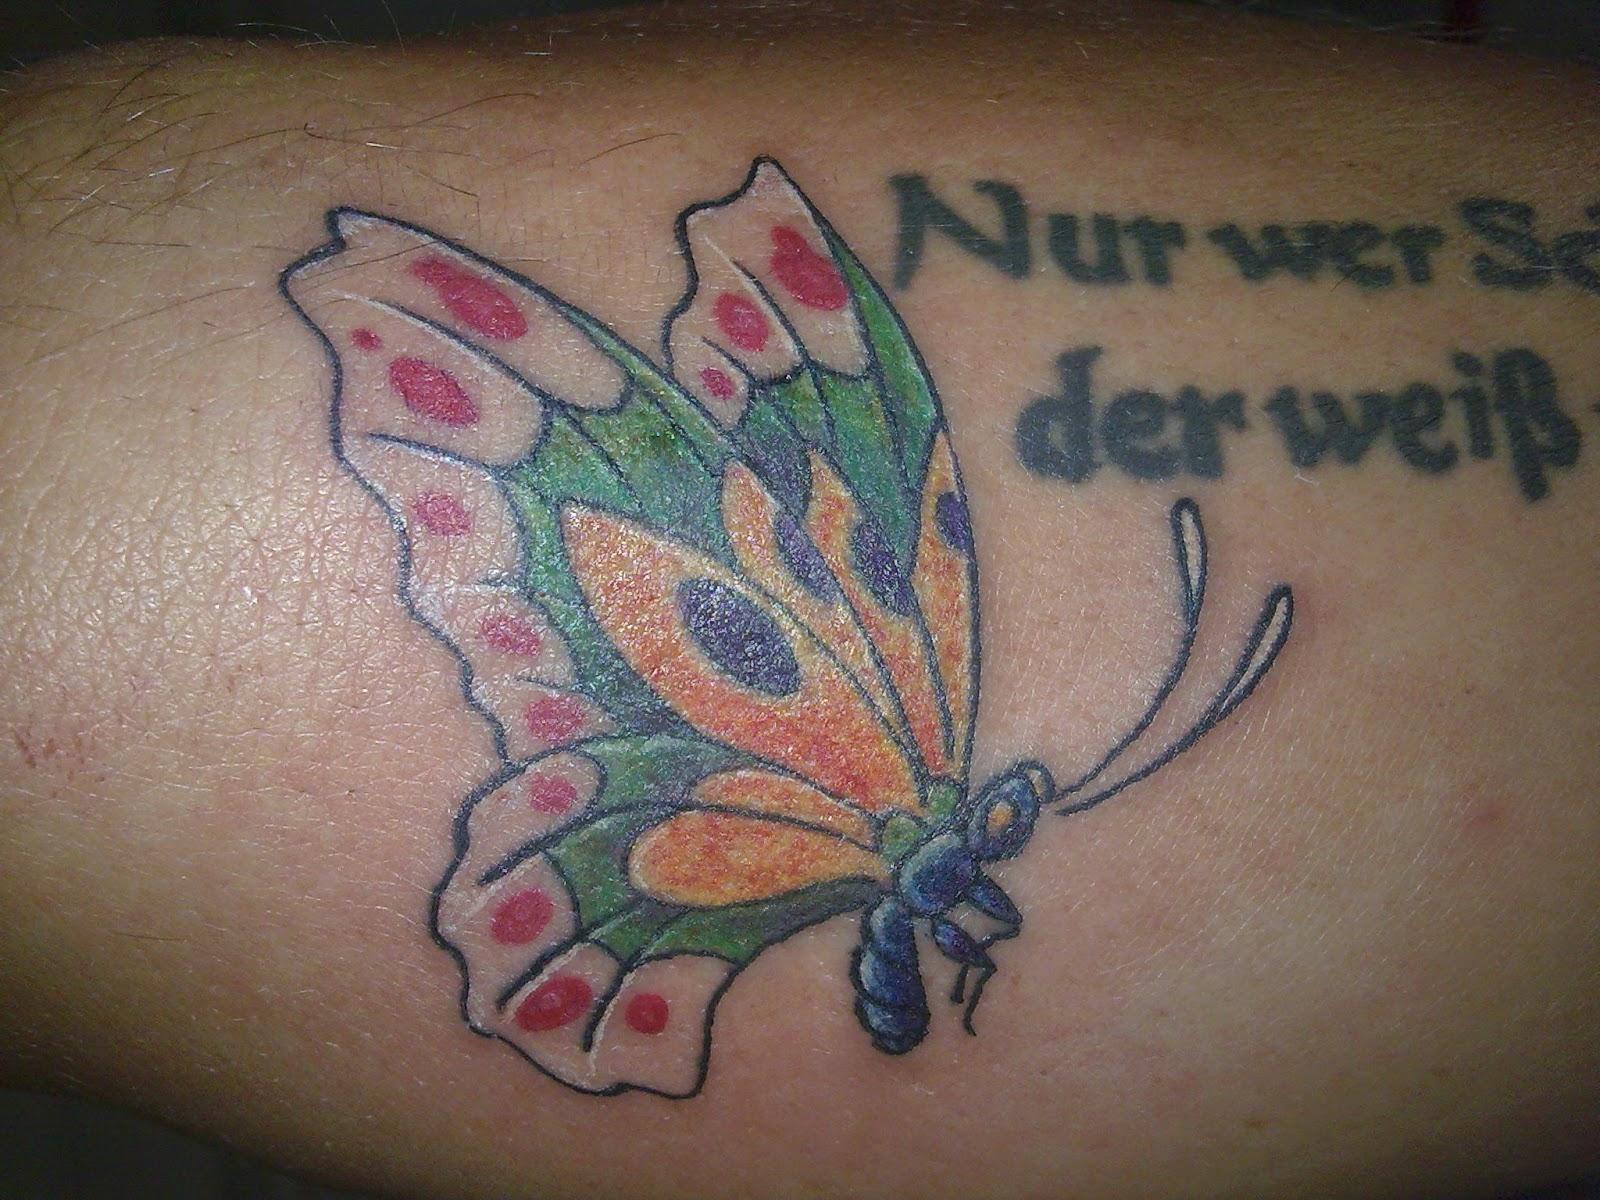 Schmetterlinge lachen...: Kann Liebe unter die Haut gehen?